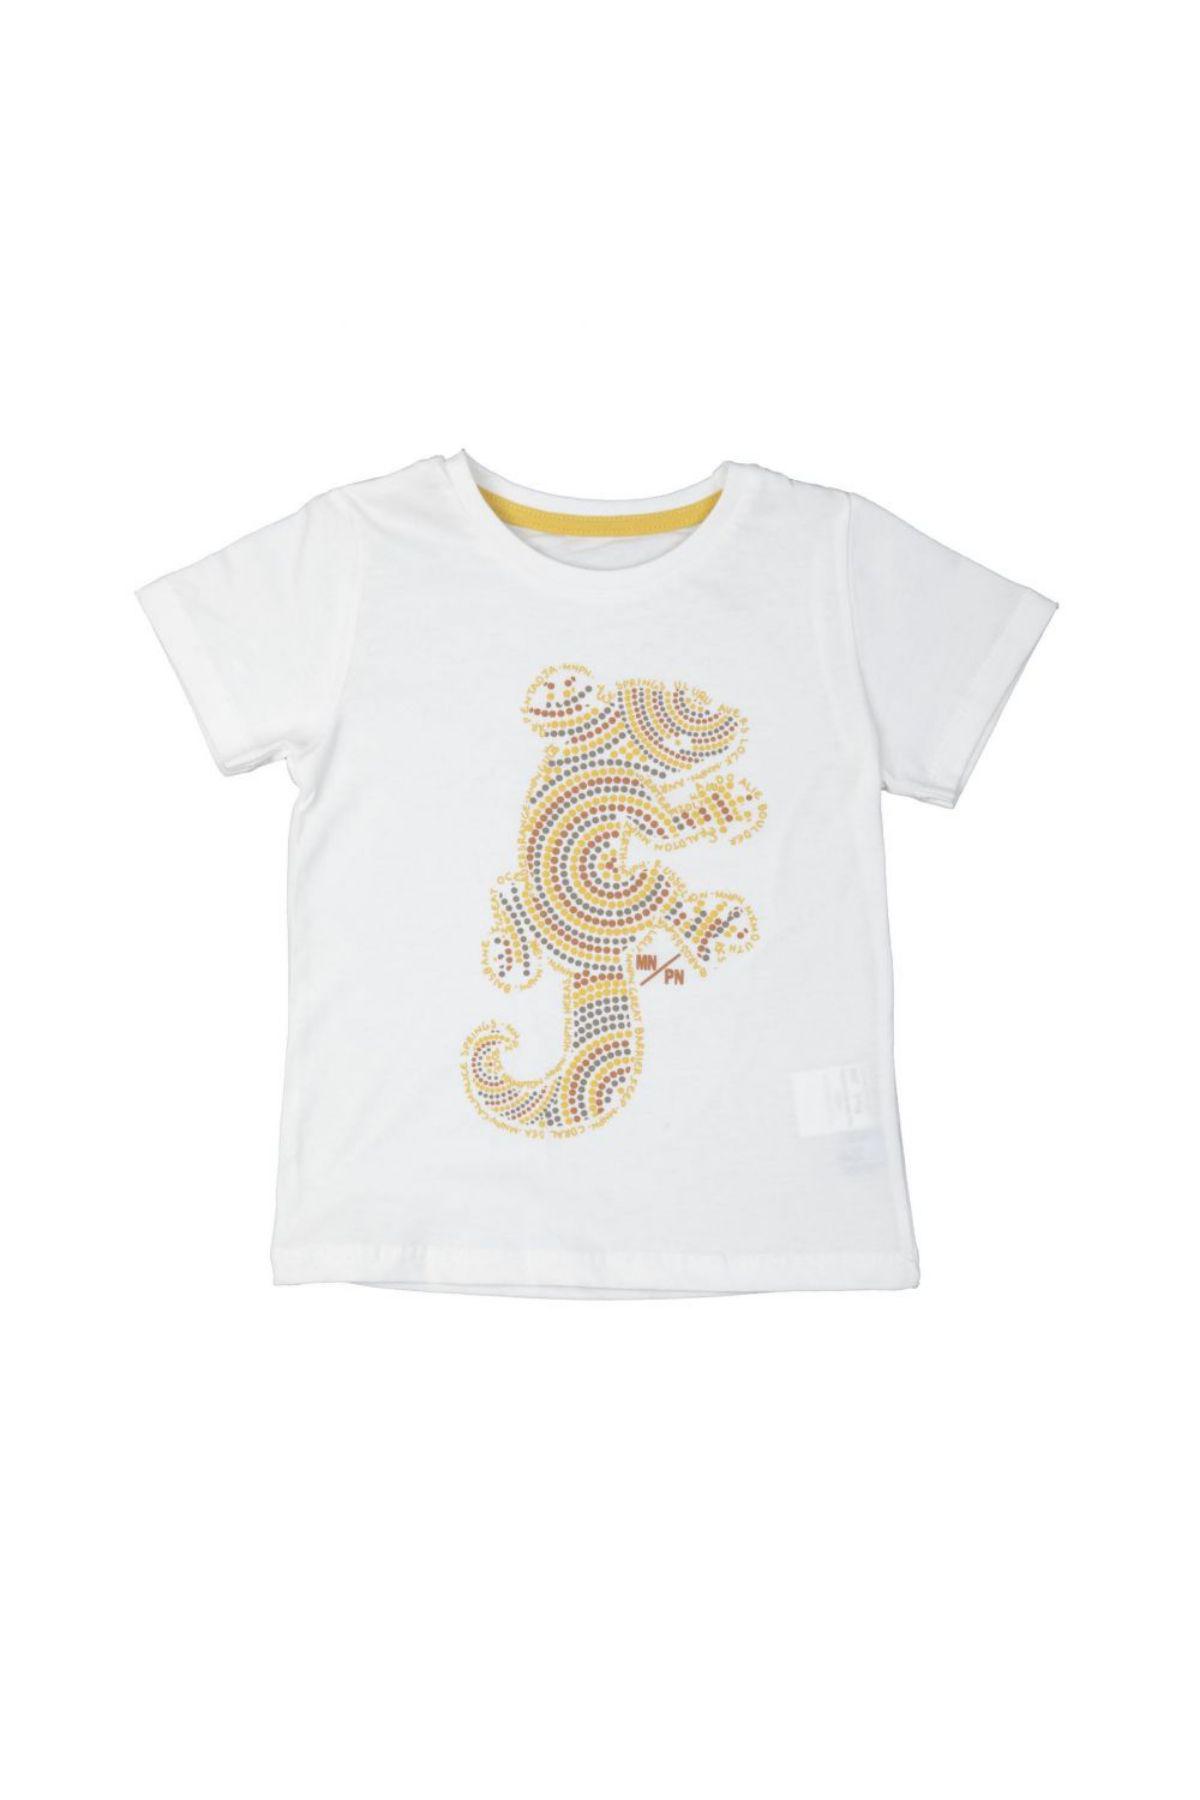 Bebepan 3827 БЕЛЫЙ Детская футболка для мальчиков